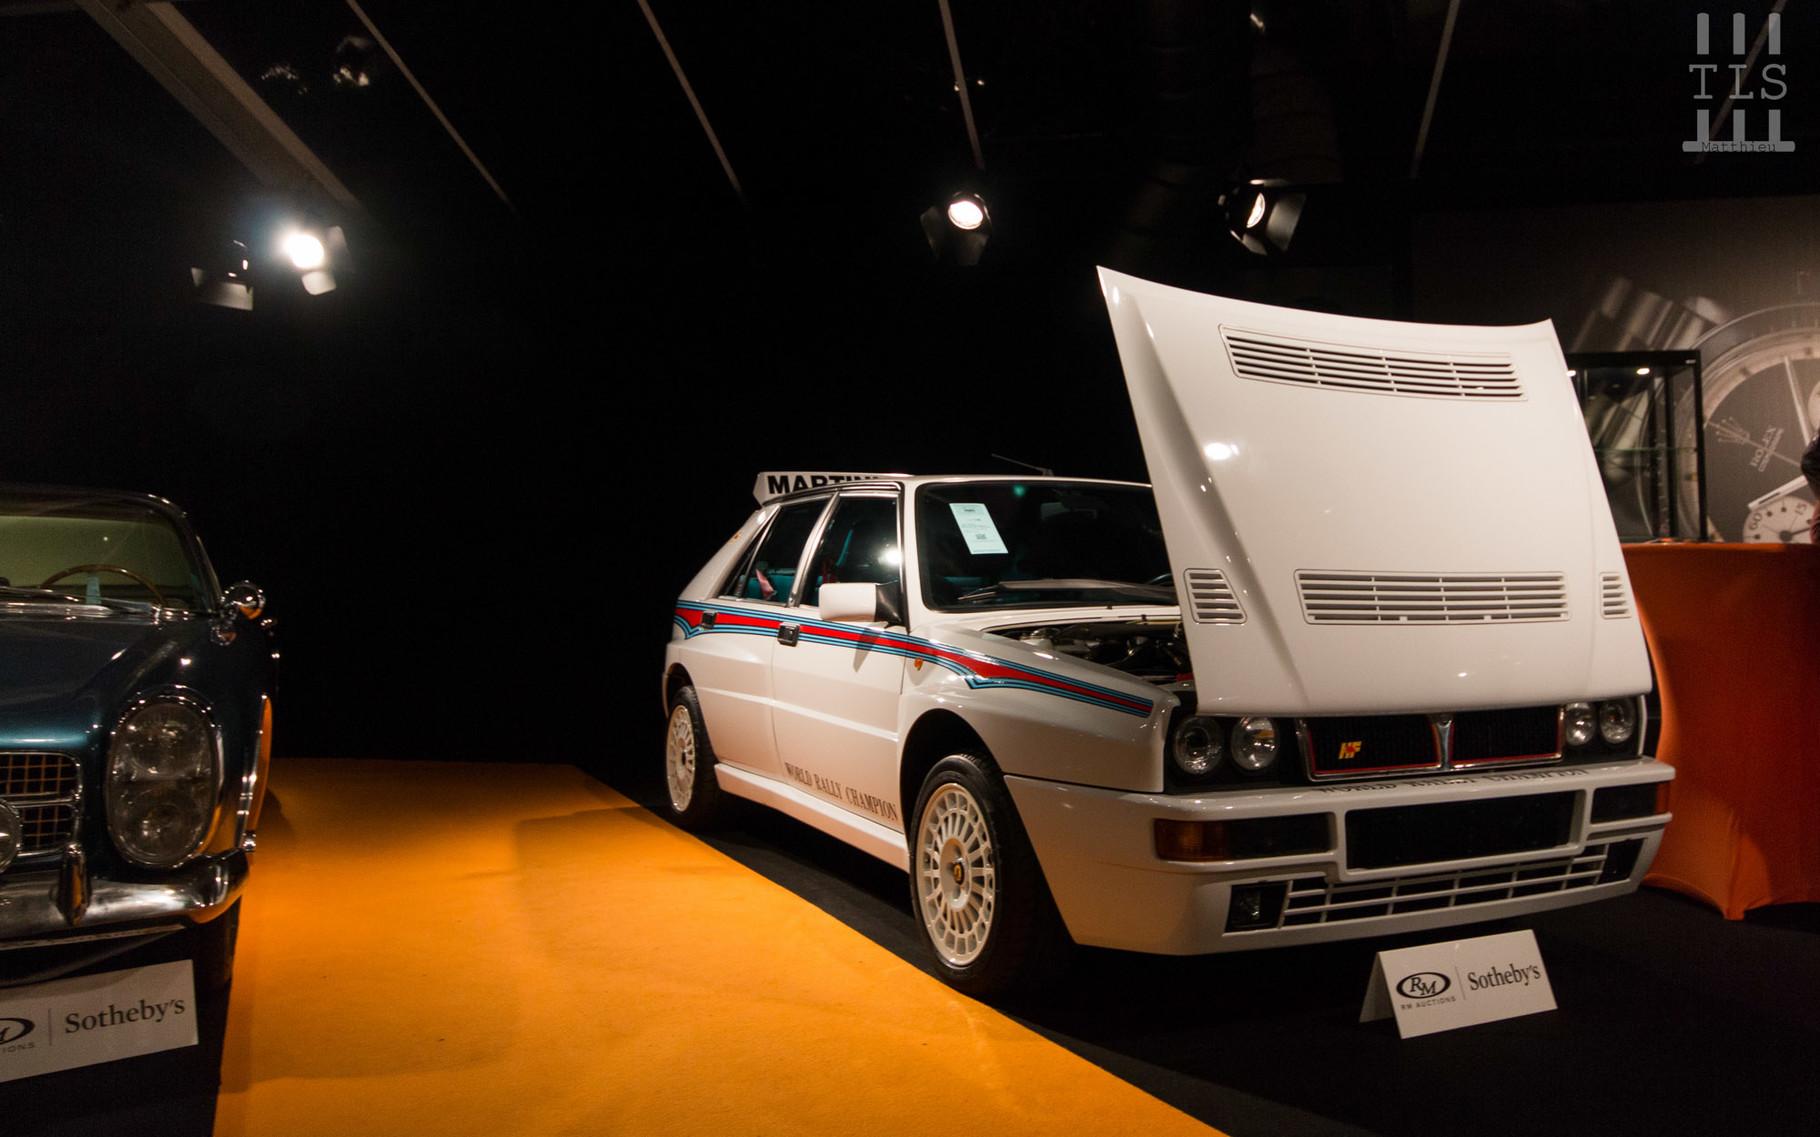 Lancia Delta HF Integrale Evoluzione, vendue à 134 400 euros.